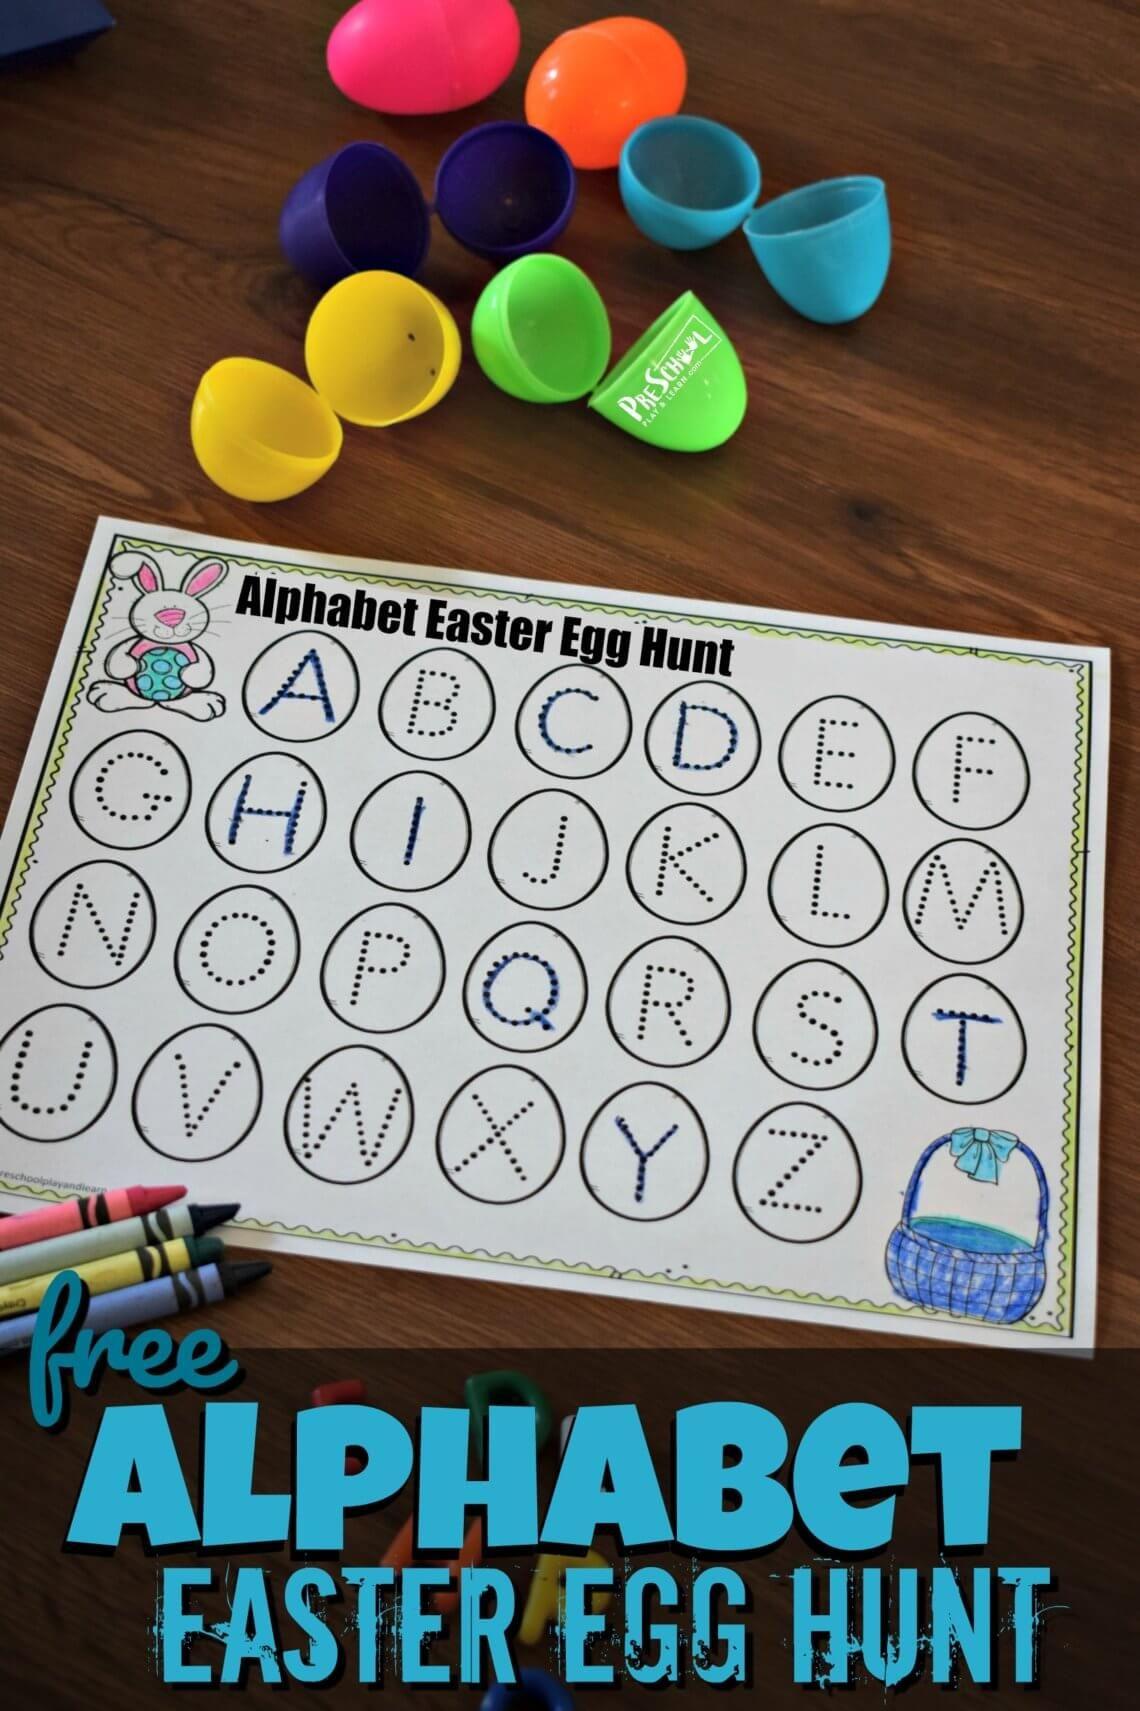 Free Alphabet Easter Egg Hunt Super Cute Alphabet